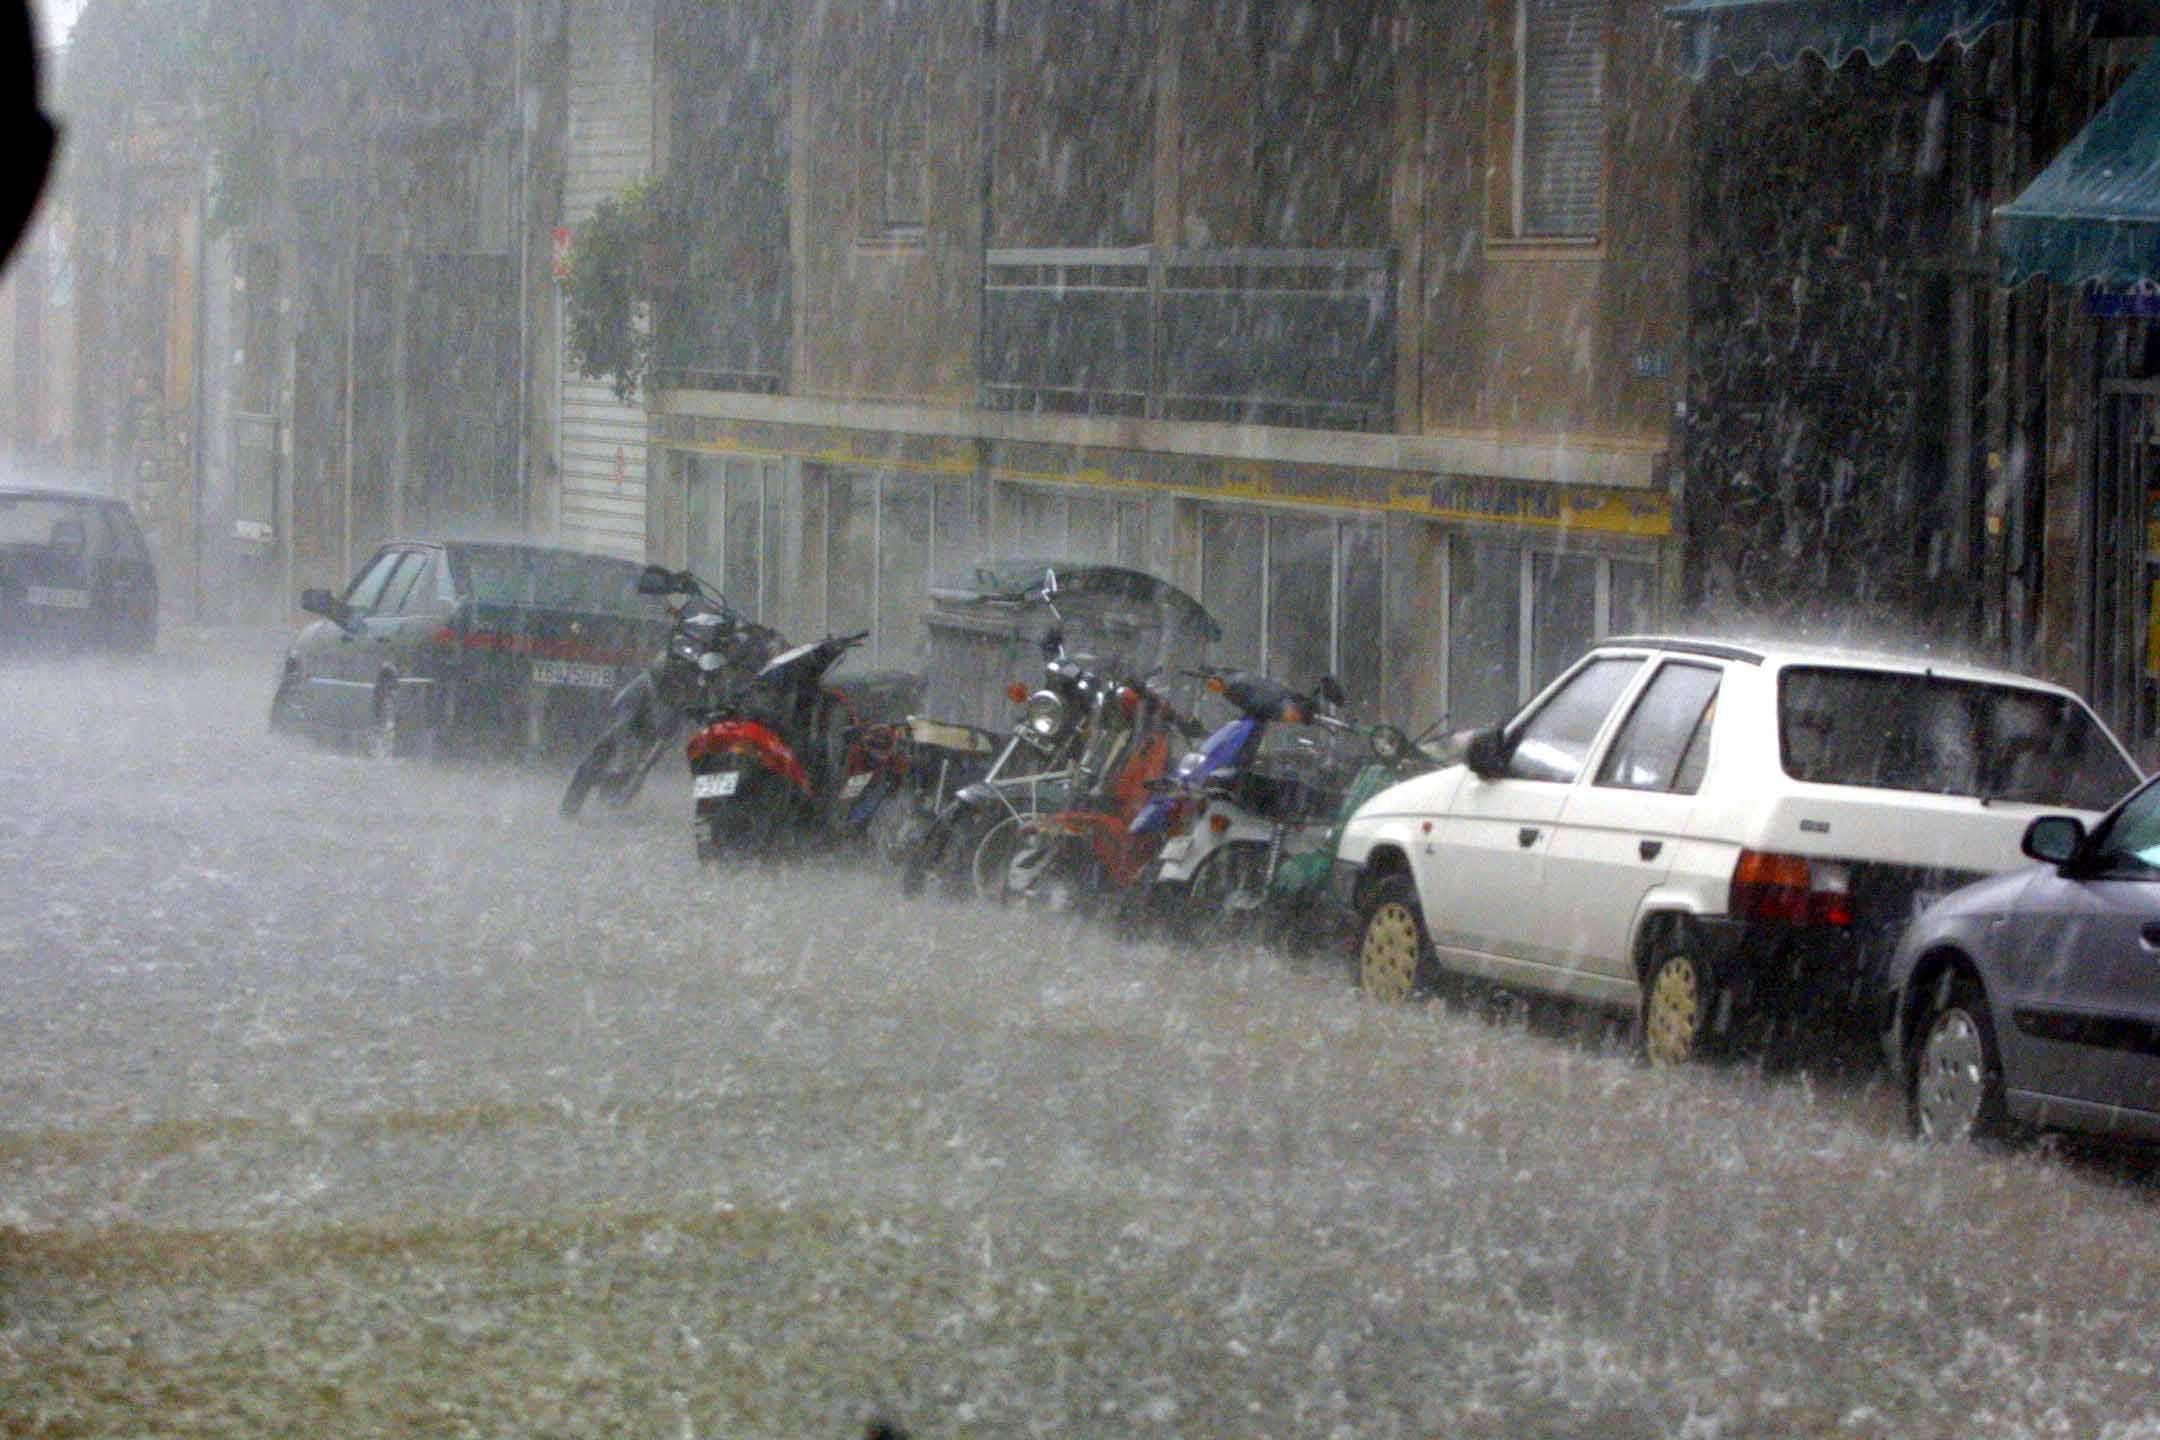 Σοβαρά προβλήματα από την βροχόπτωση στην Μακεδονία